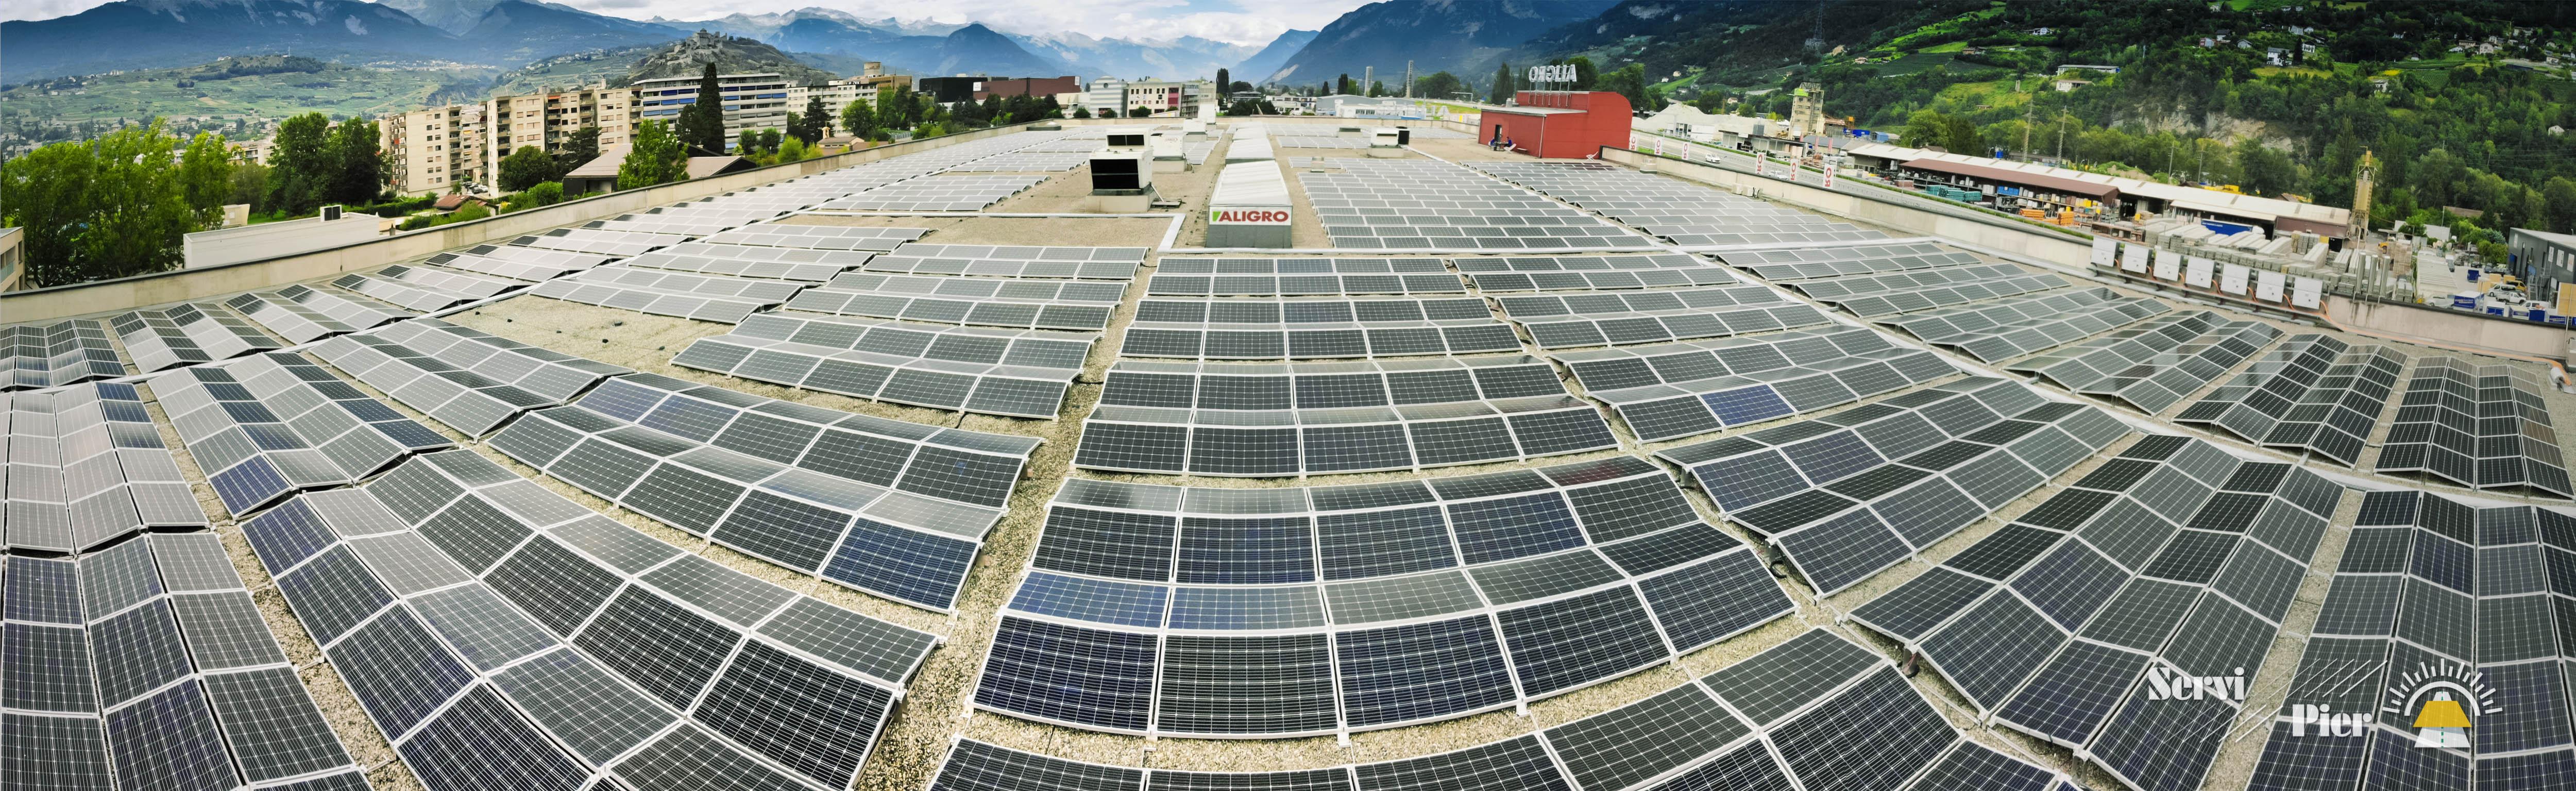 servipier-centrale-solaire-aligro-sion-panorama-logo-web-01 4'500 solar modules mono 290W in Switzerland